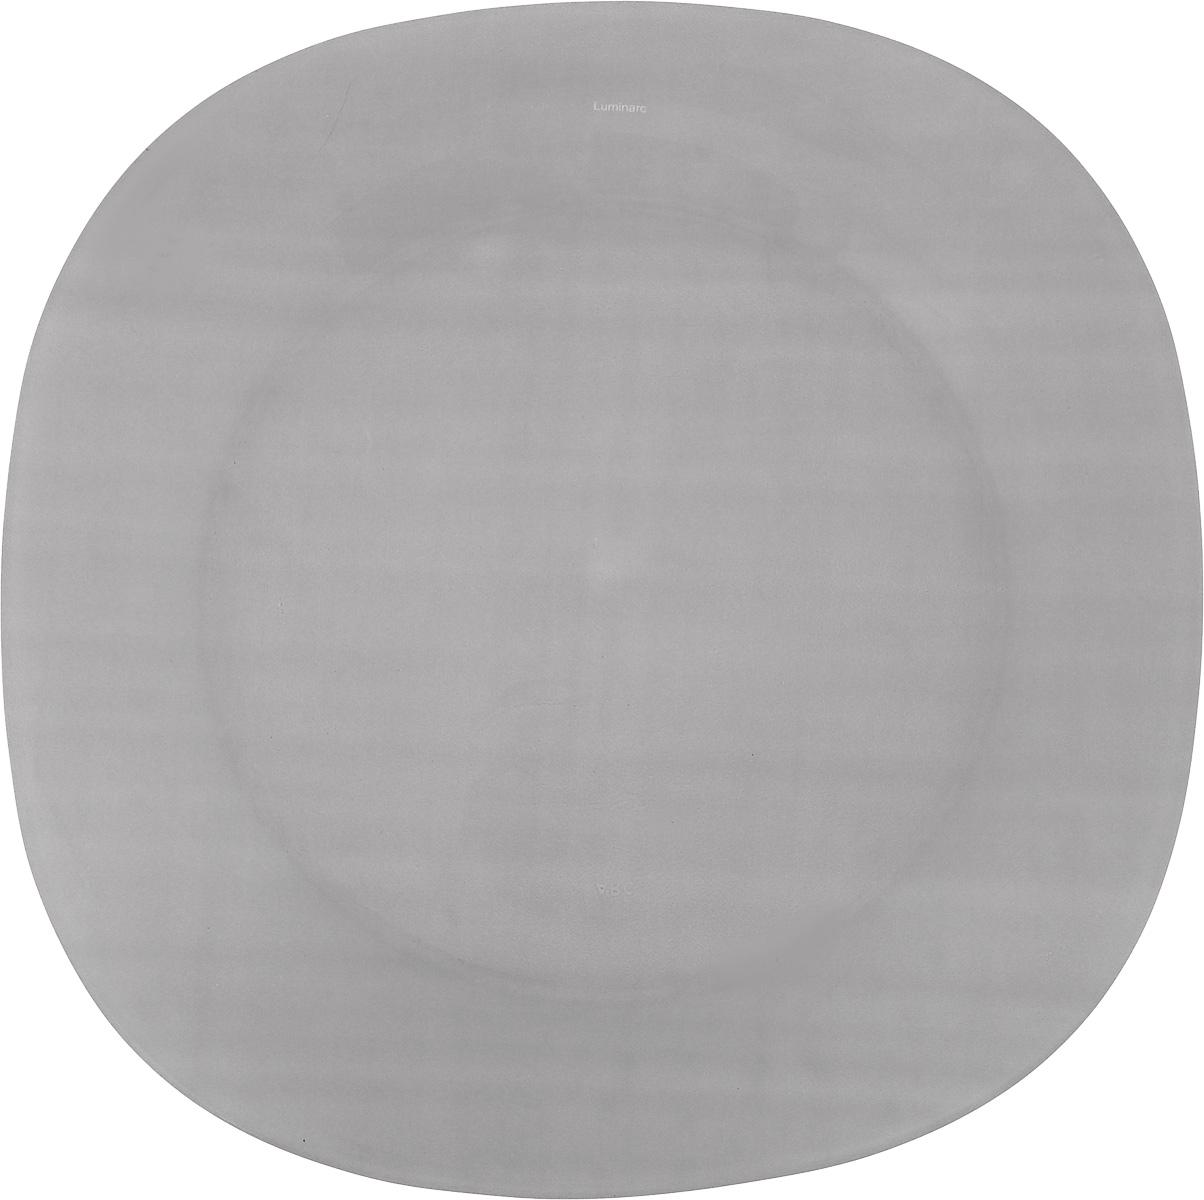 Тарелка обеденная Luminarc Colorama Grey, 25,5 х 25,5 смJ7776Обеденная тарелка Luminarc Colorama Grey, изготовленная из высококачественного стекла, имеет изысканный внешний вид. Яркий дизайн придется по вкусу и ценителям классики, и тем, кто предпочитает утонченность. Тарелка Luminarc Colorama Grey идеально подойдет для сервировки вторых блюд из птицы, рыбы, мяса или овощей, а также станет отличным подарком к любому празднику.Размер тарелки (по верхнему краю): 25,5 х 25,5 см.